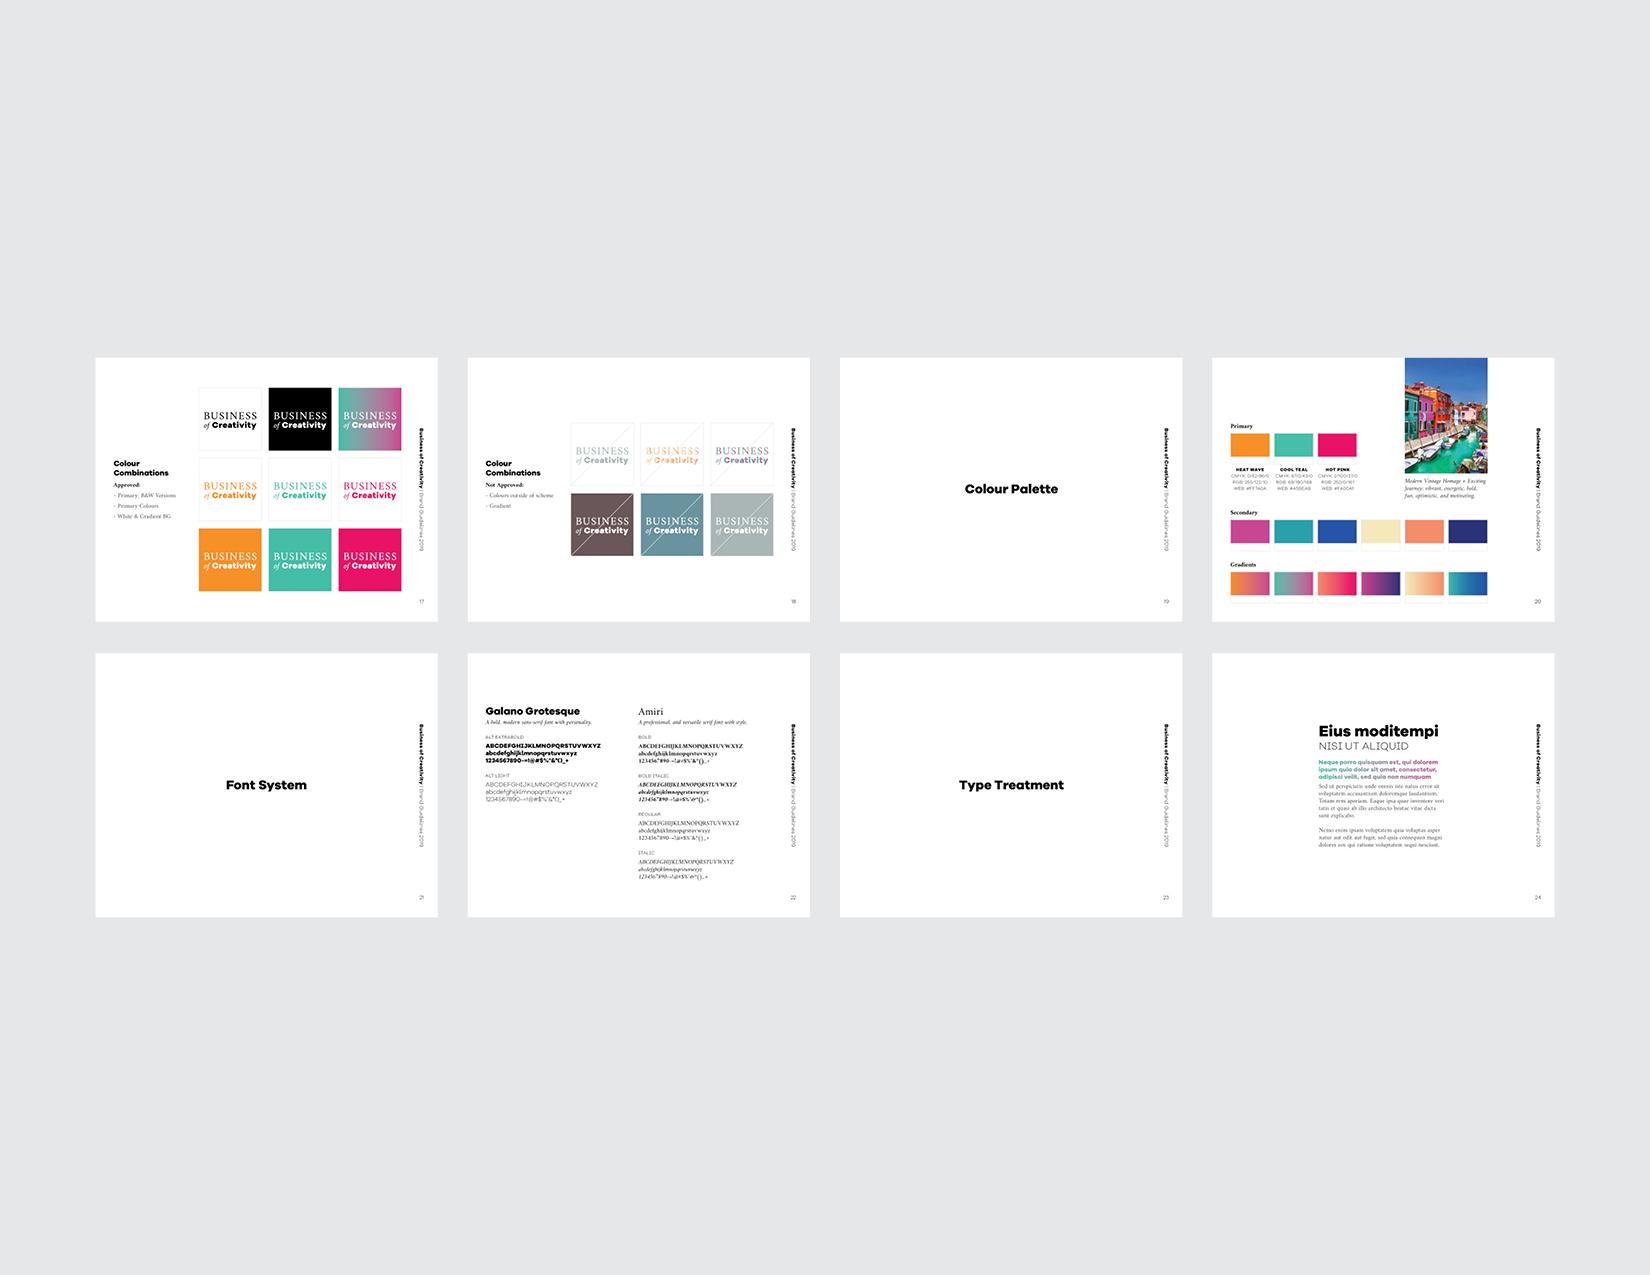 BOC-branding_guidelines-overview3.jpg